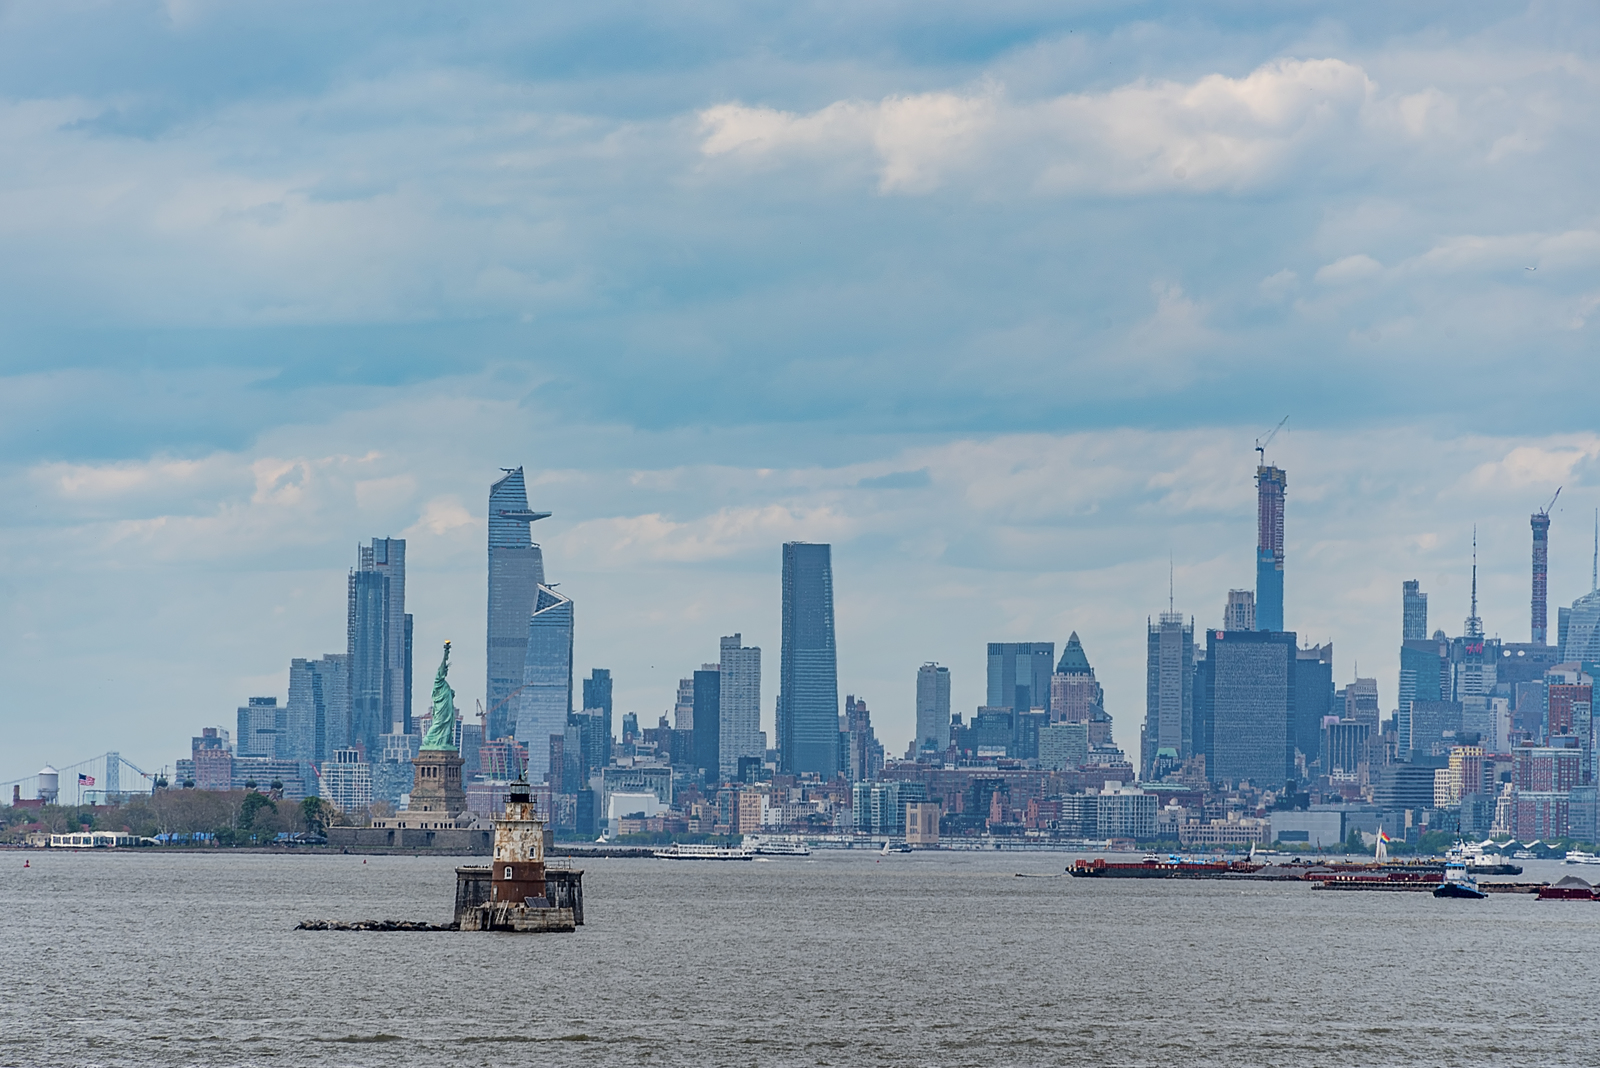 Randall Manor Staten Island, NY Private Investigator